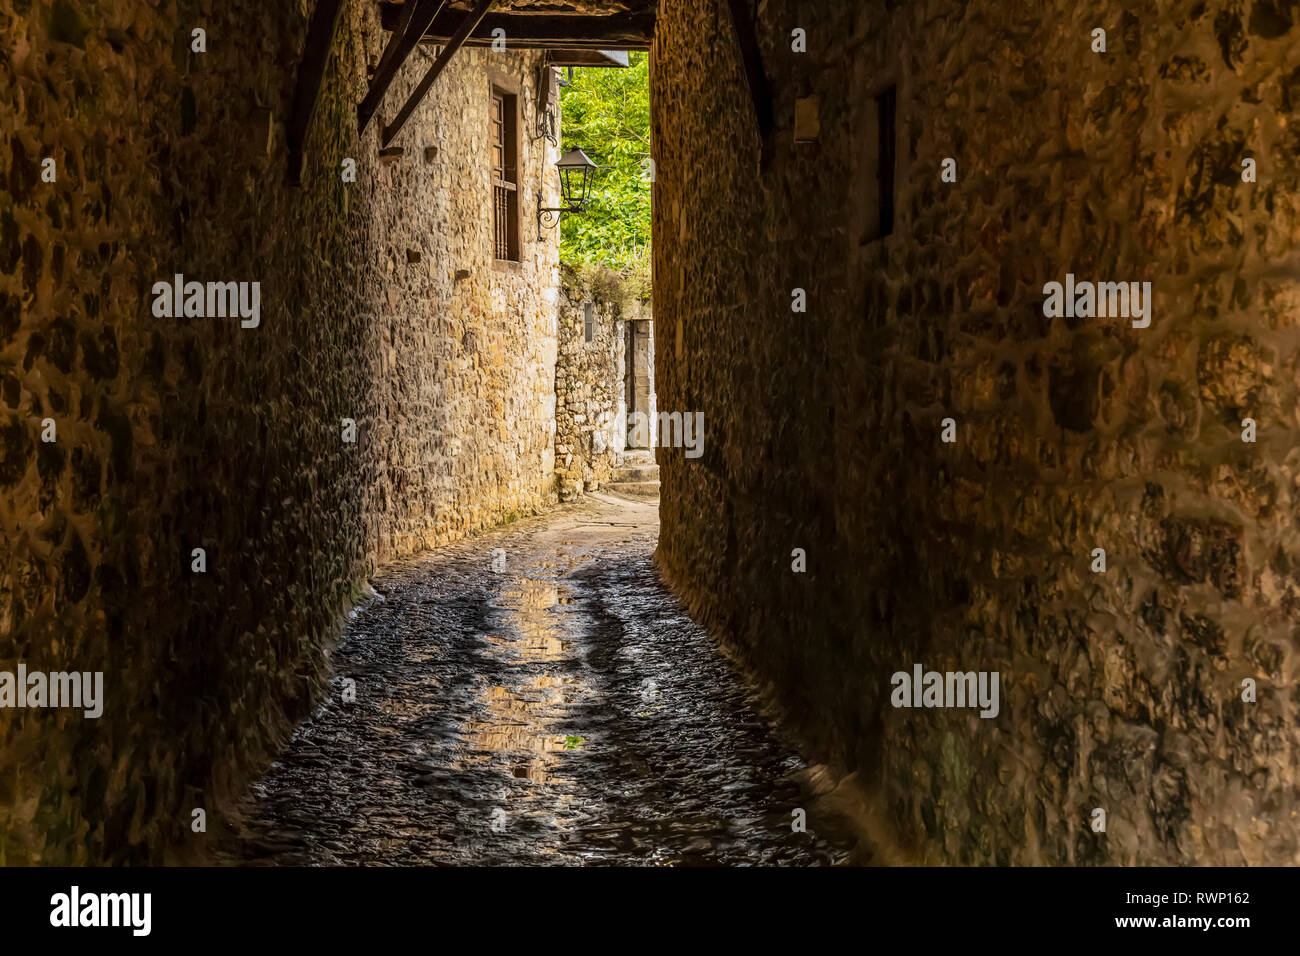 Narrow pathway between stone walls of buildings; Santillana del Mar, Cantabria, Spain - Stock Image